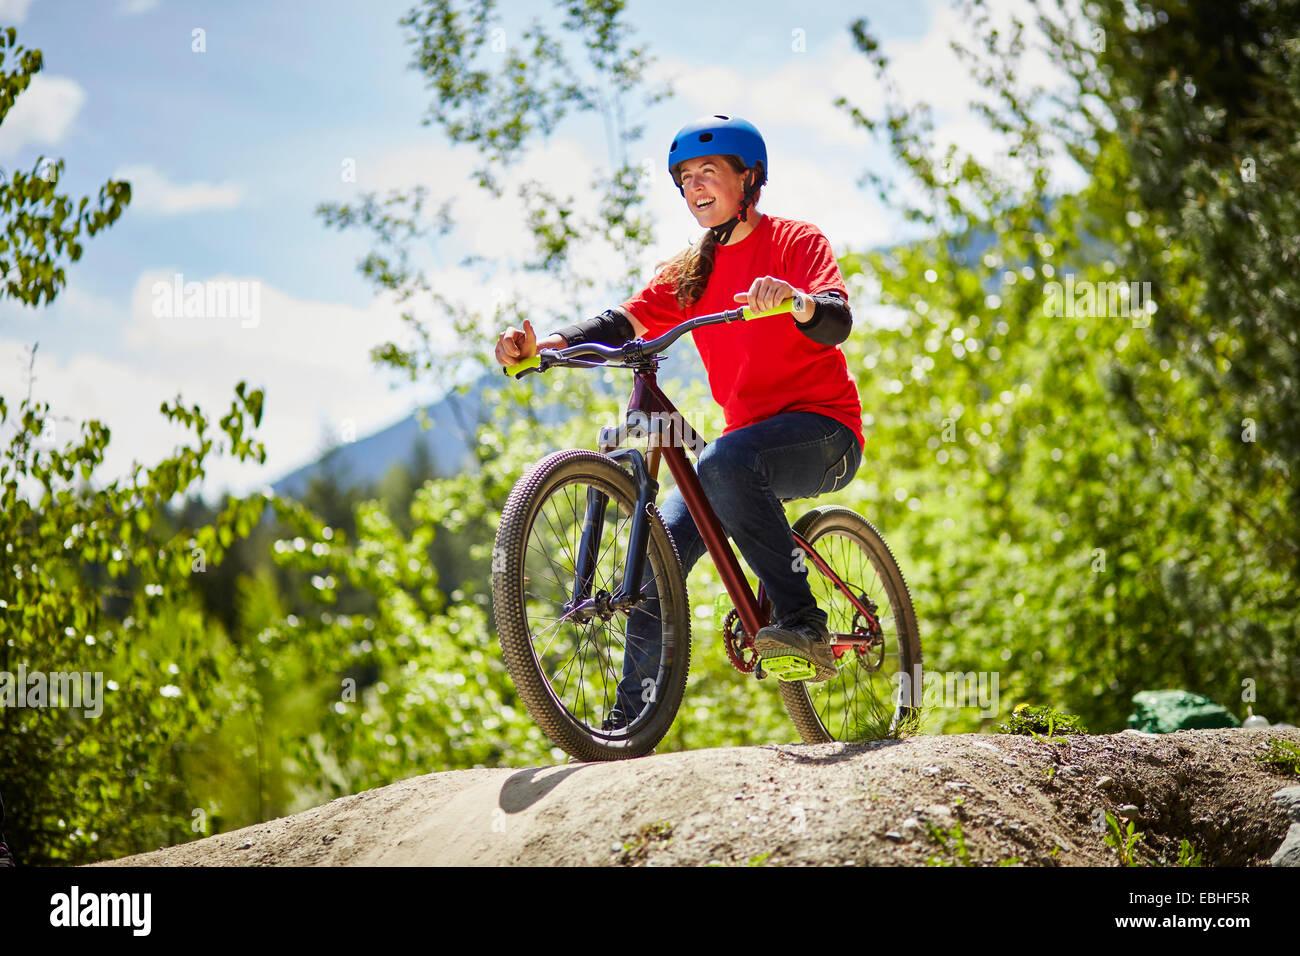 Giovani femmine bmx biker in bilico sul bordo del rock in foresta Immagini Stock